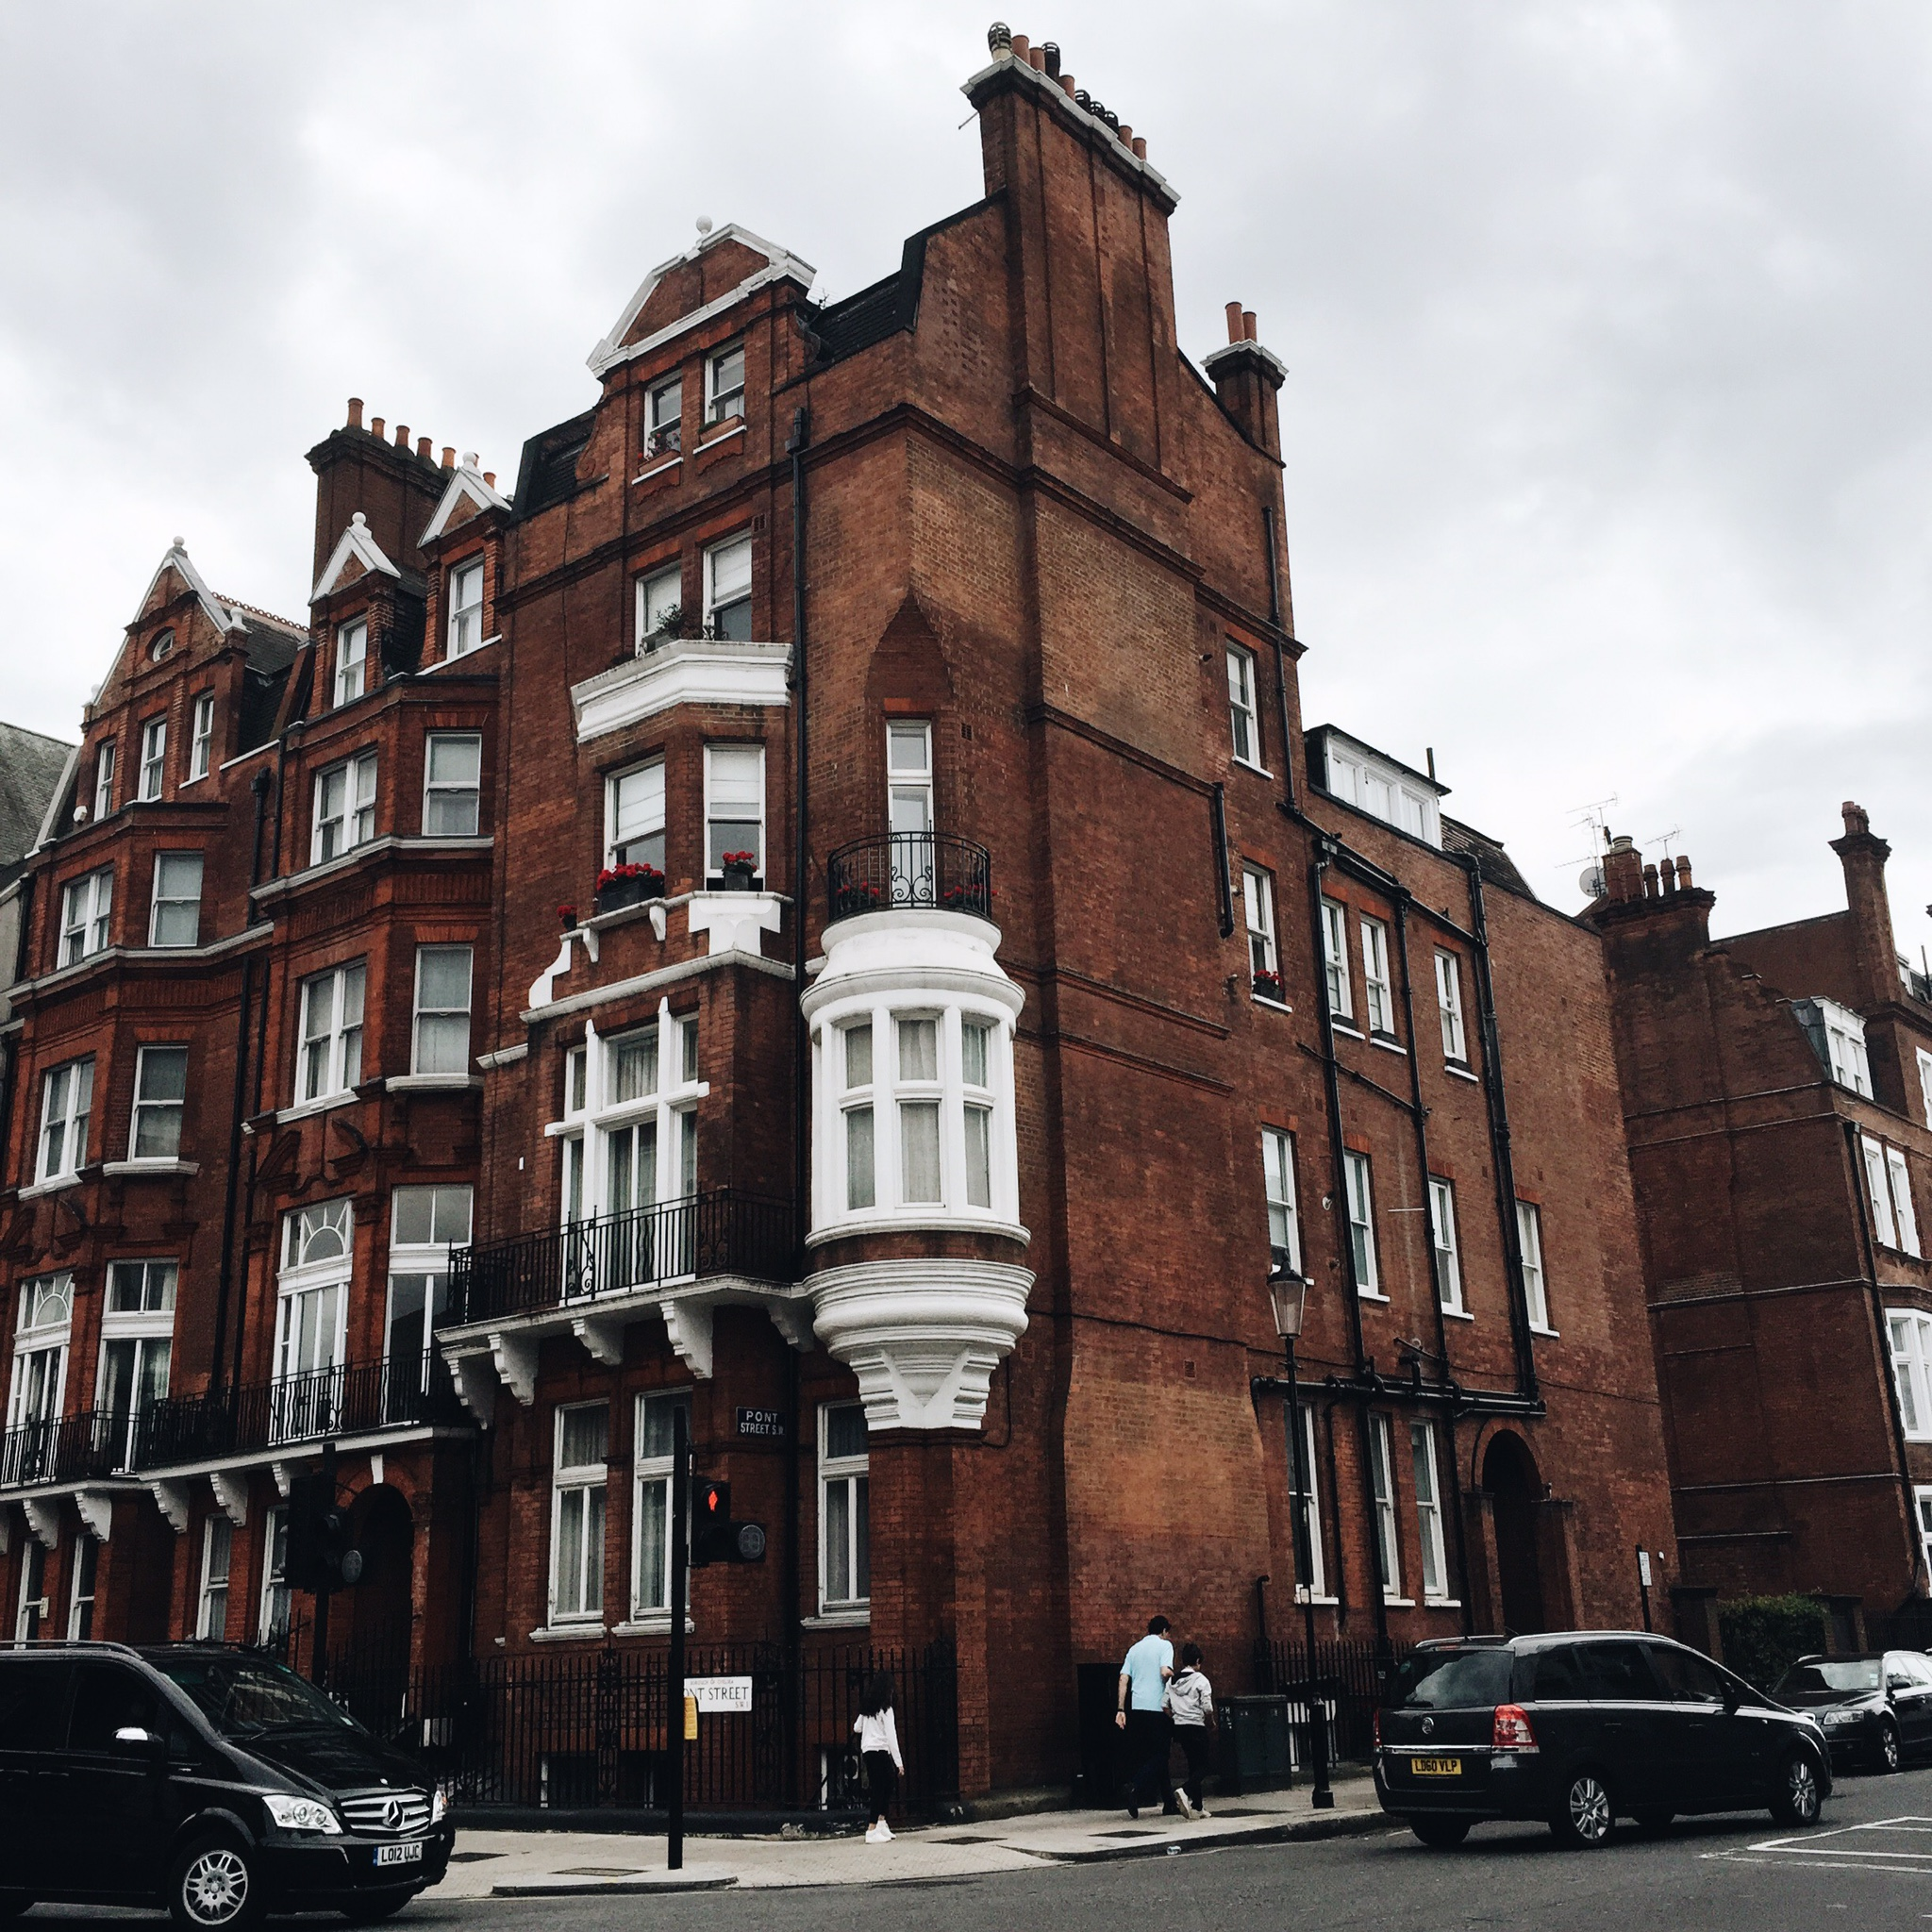 anna katina travelblogger london 2015 spots